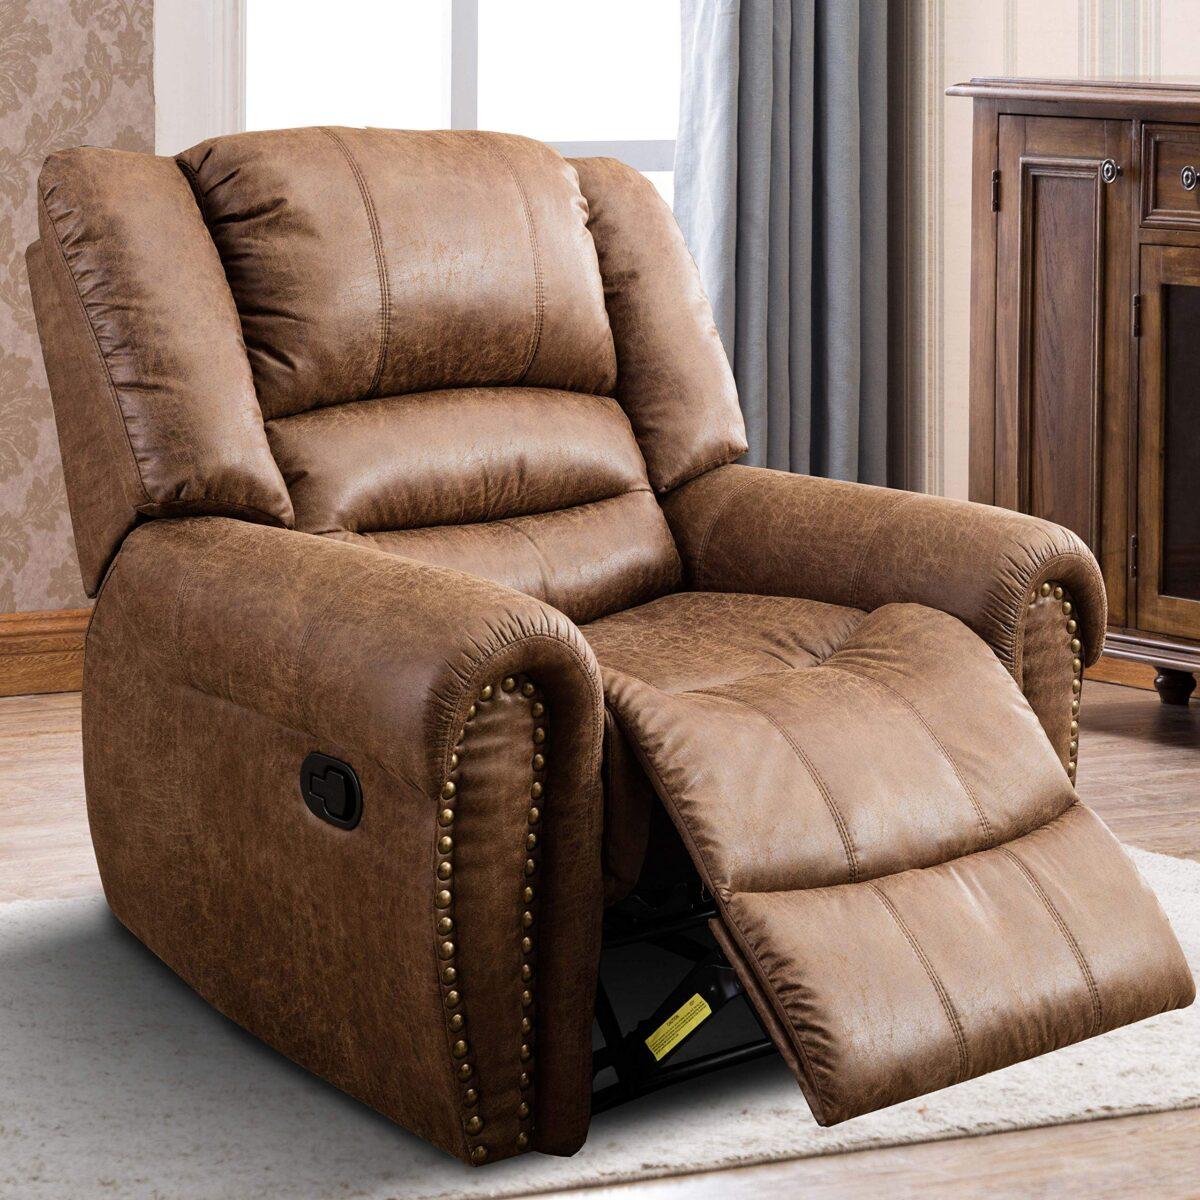 poltrone-relax-recliner-guida-all-acquisto-03